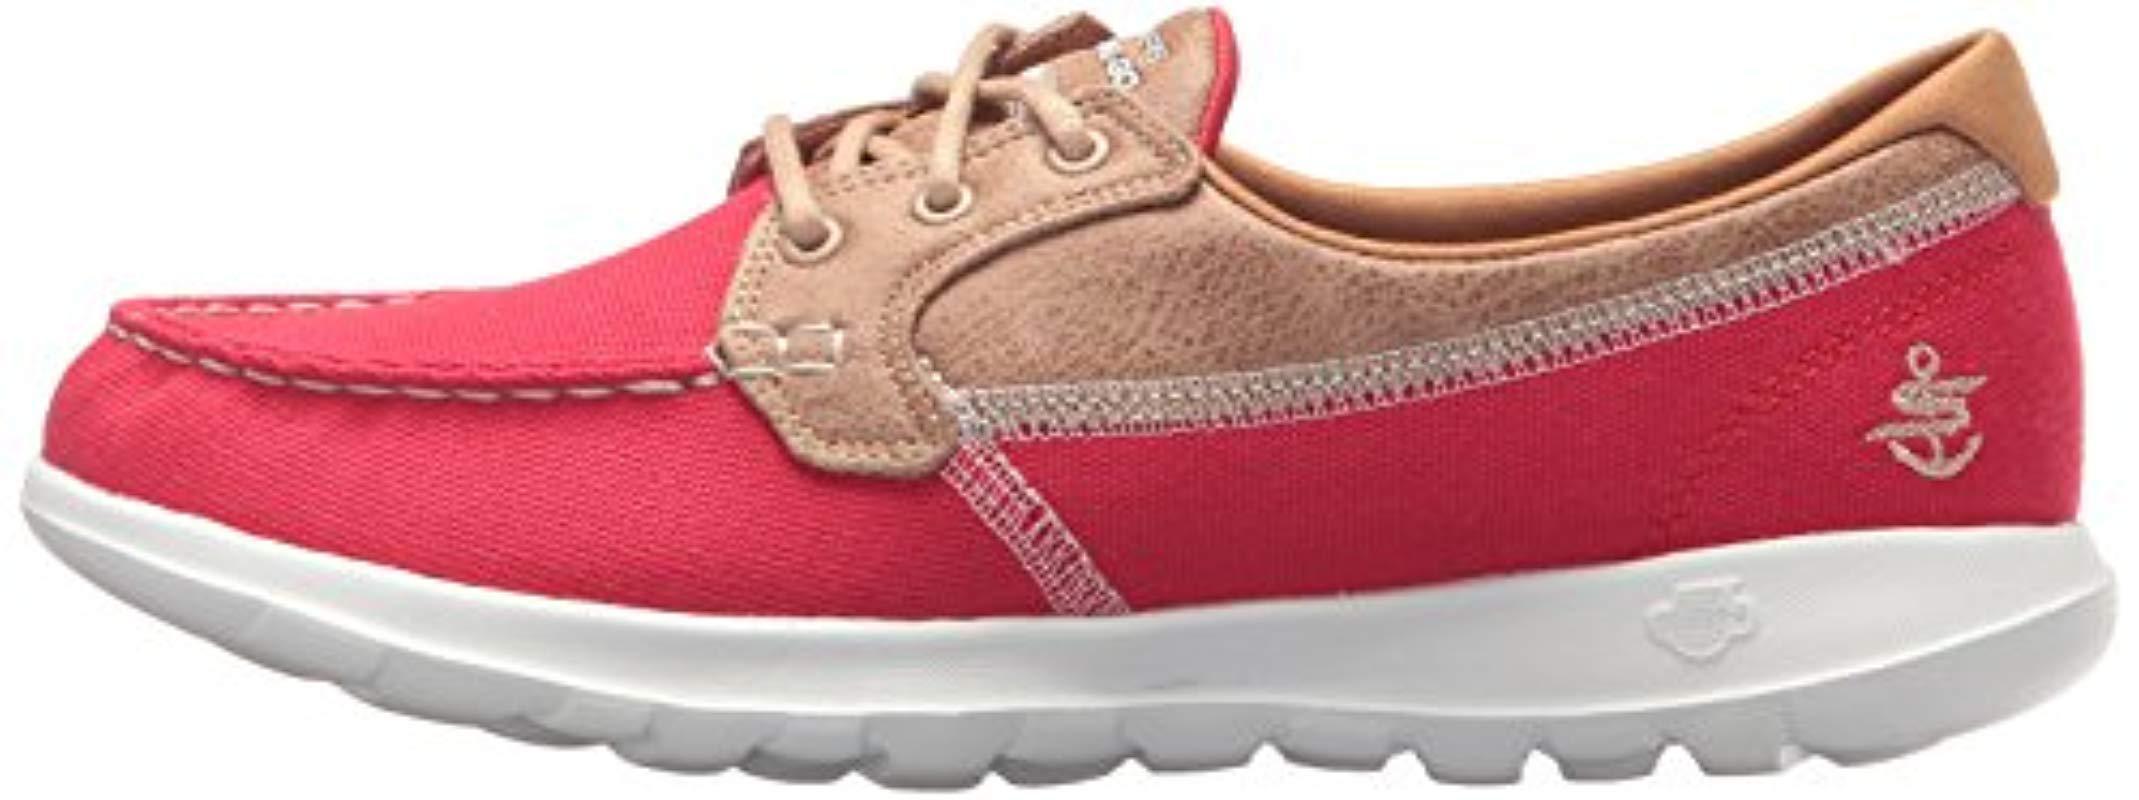 Go Walk Lite-15430 Boat Shoe in Red